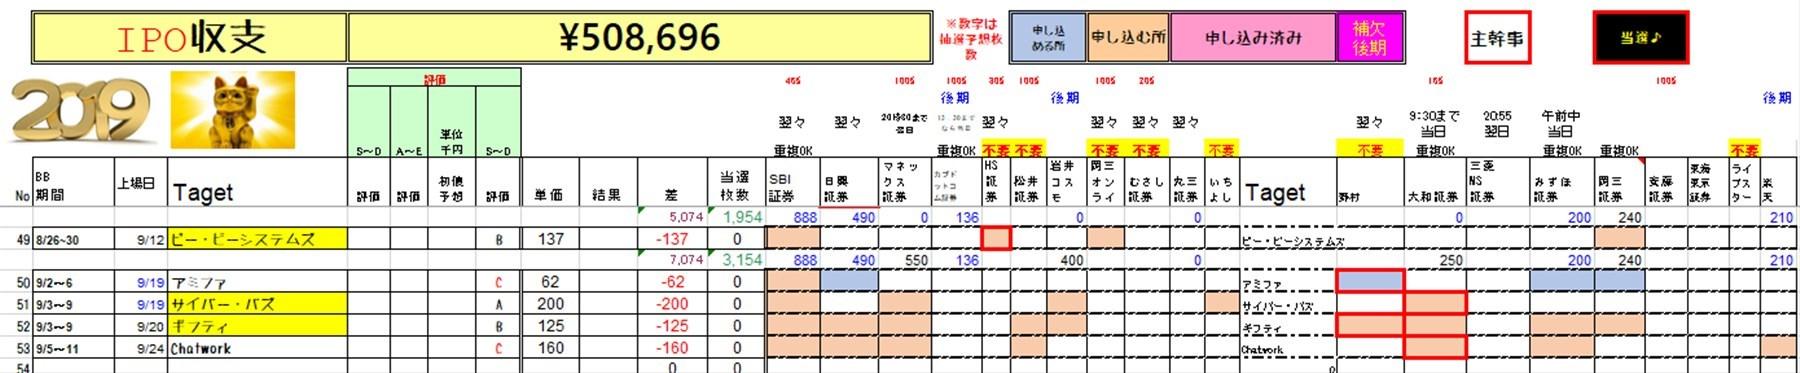 IPOスケジュール表